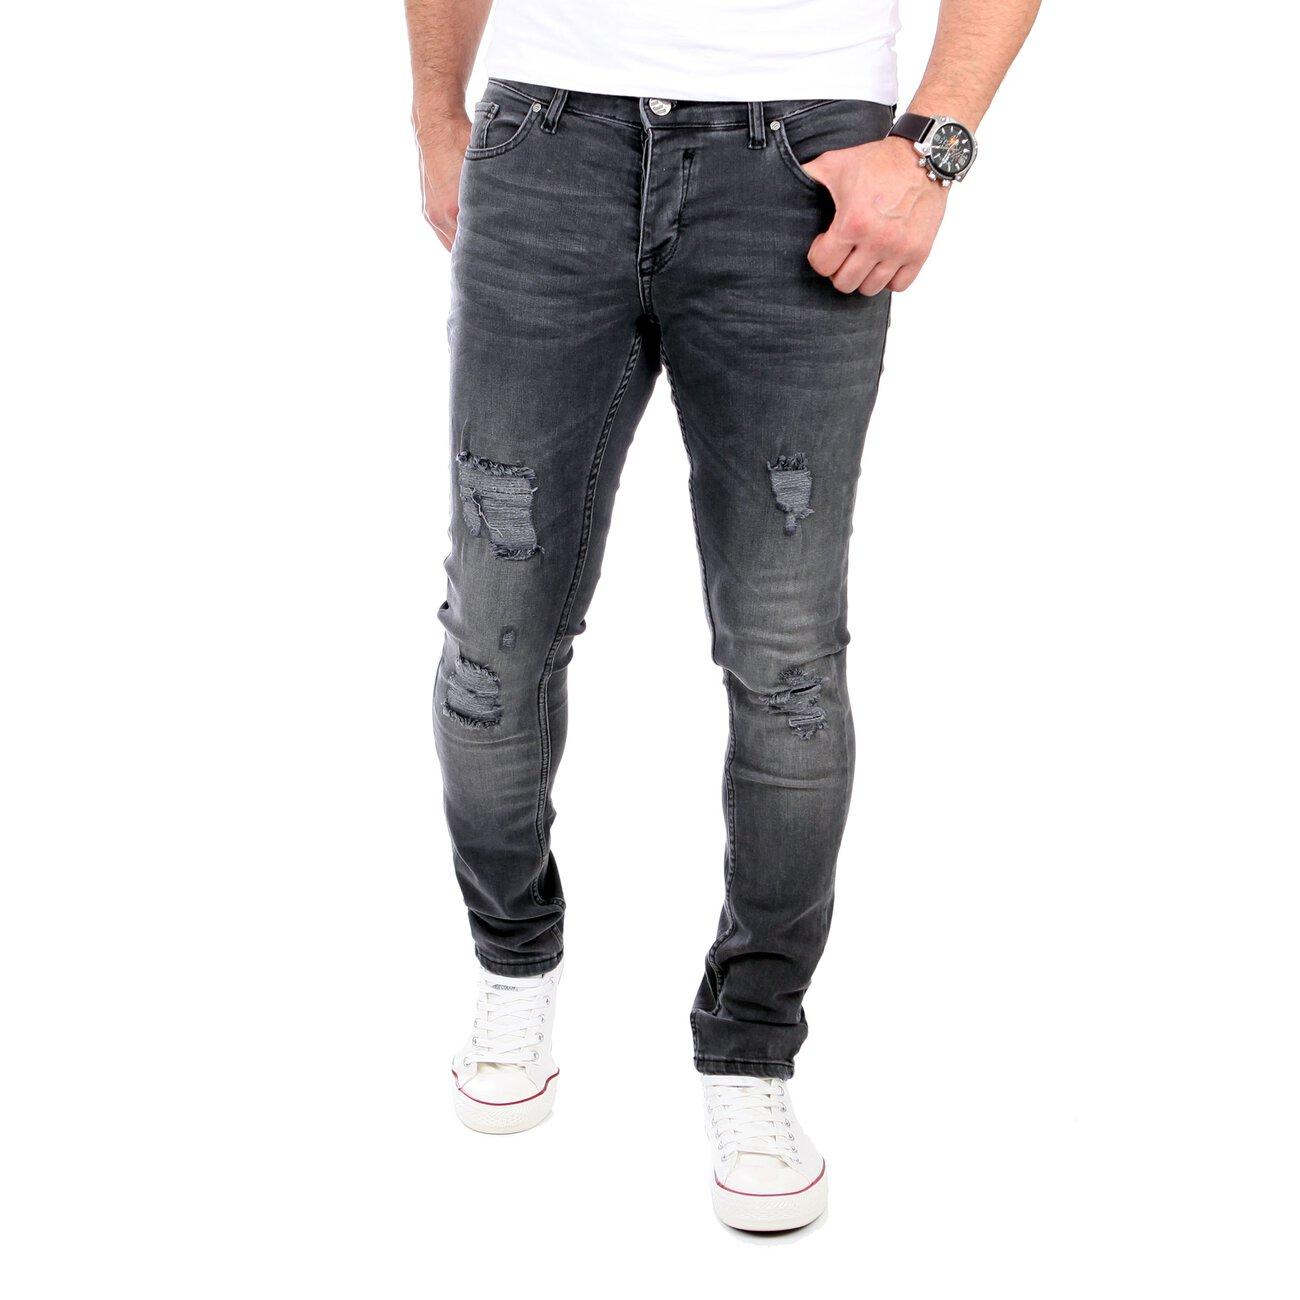 reslad jeans herren destroyed look slim fit strech jeans schwarz. Black Bedroom Furniture Sets. Home Design Ideas